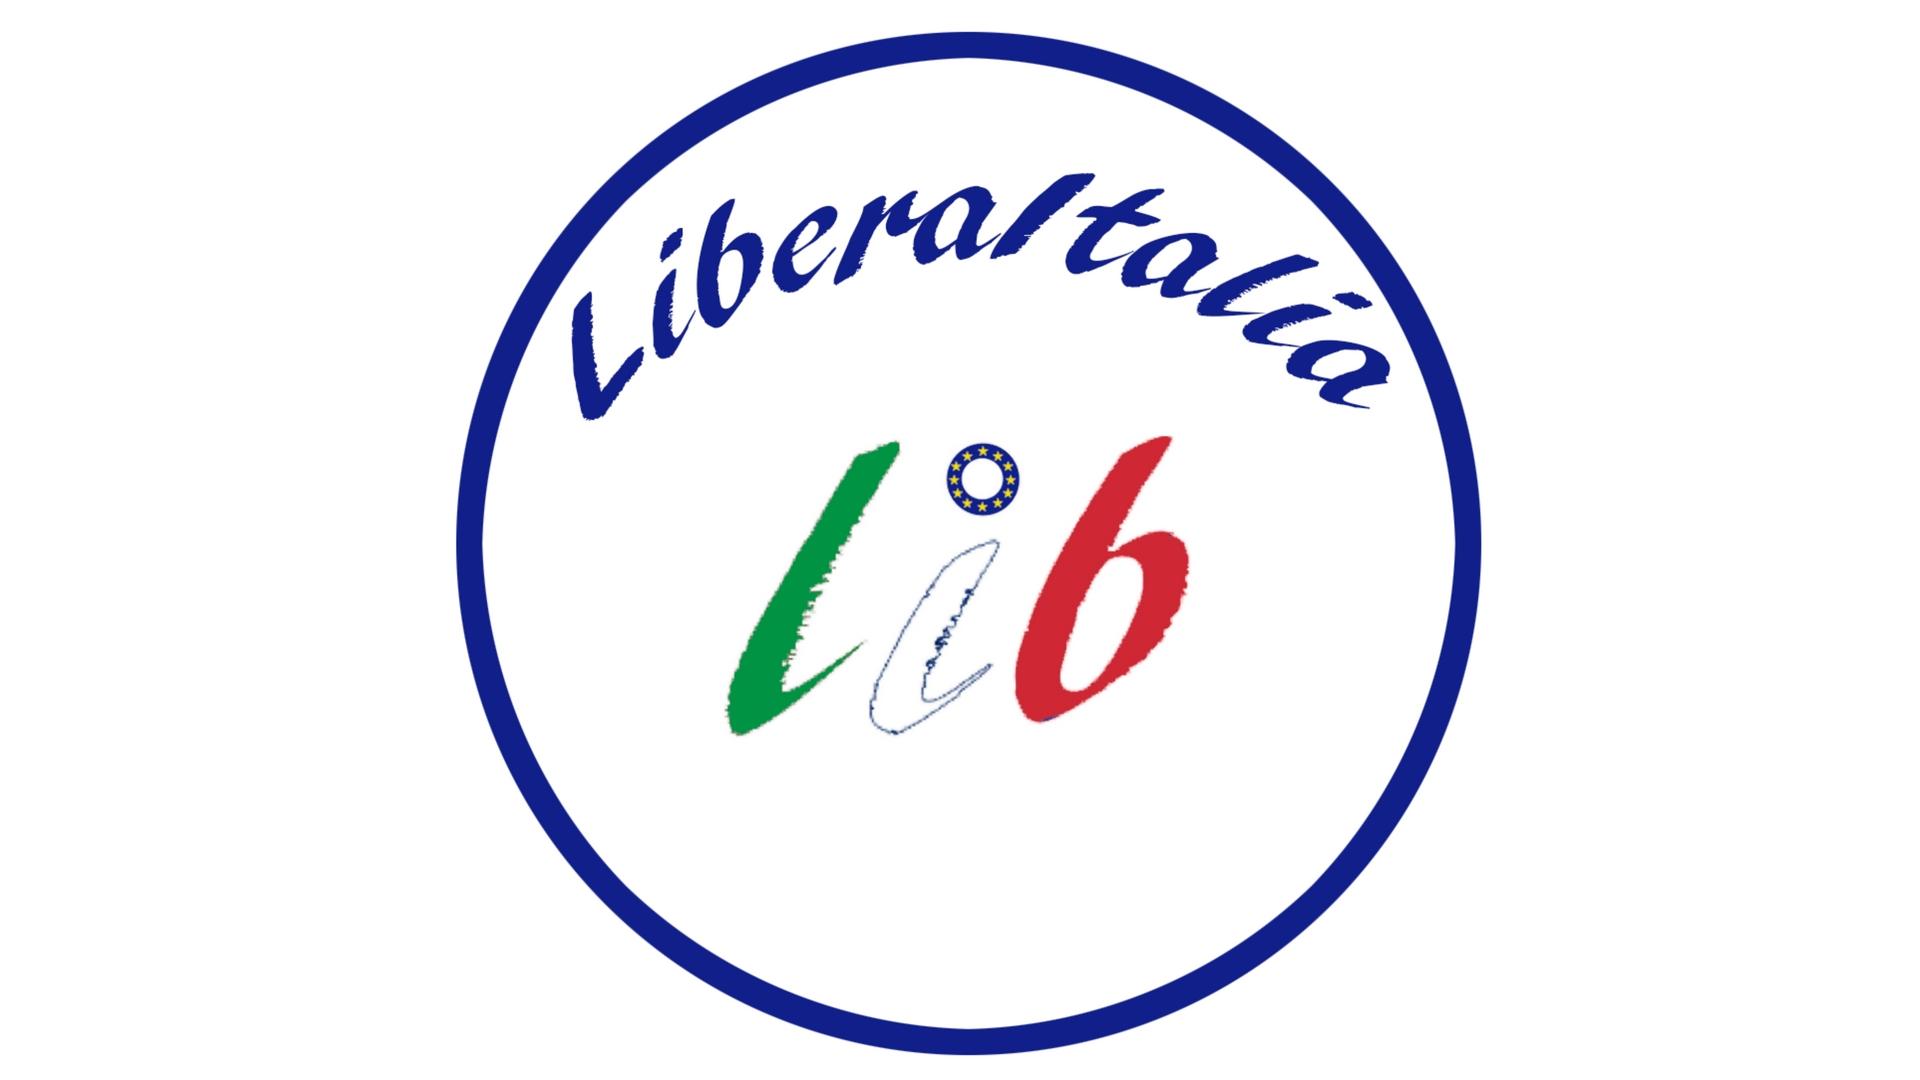 Libera Italia, rifondare i liberali a partire dal merito